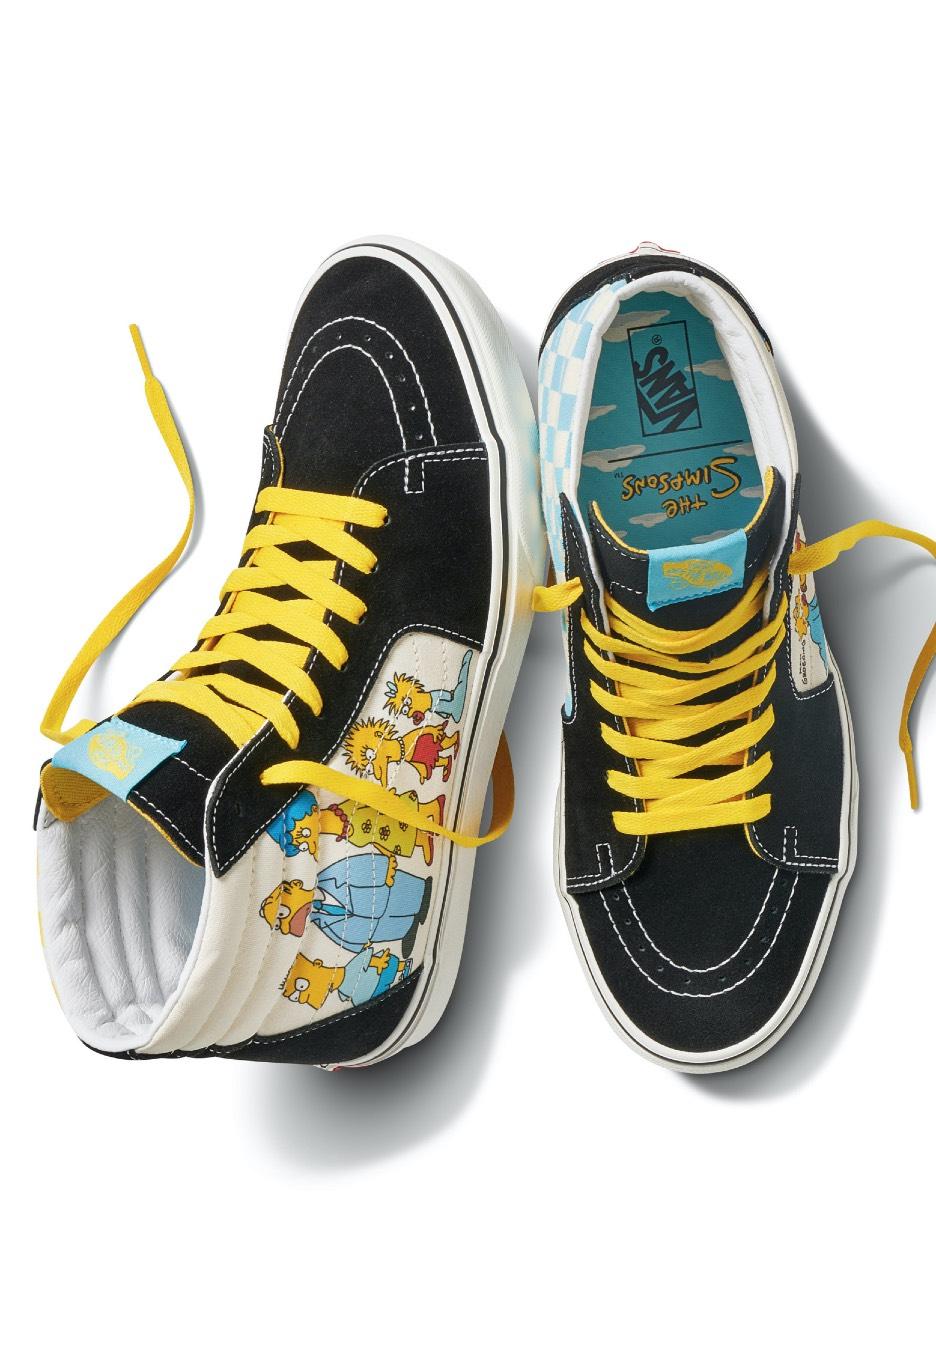 Vans x Simpsons - Sk8 Hi 1987/2020 White/Black - Shoes - Impericon ...